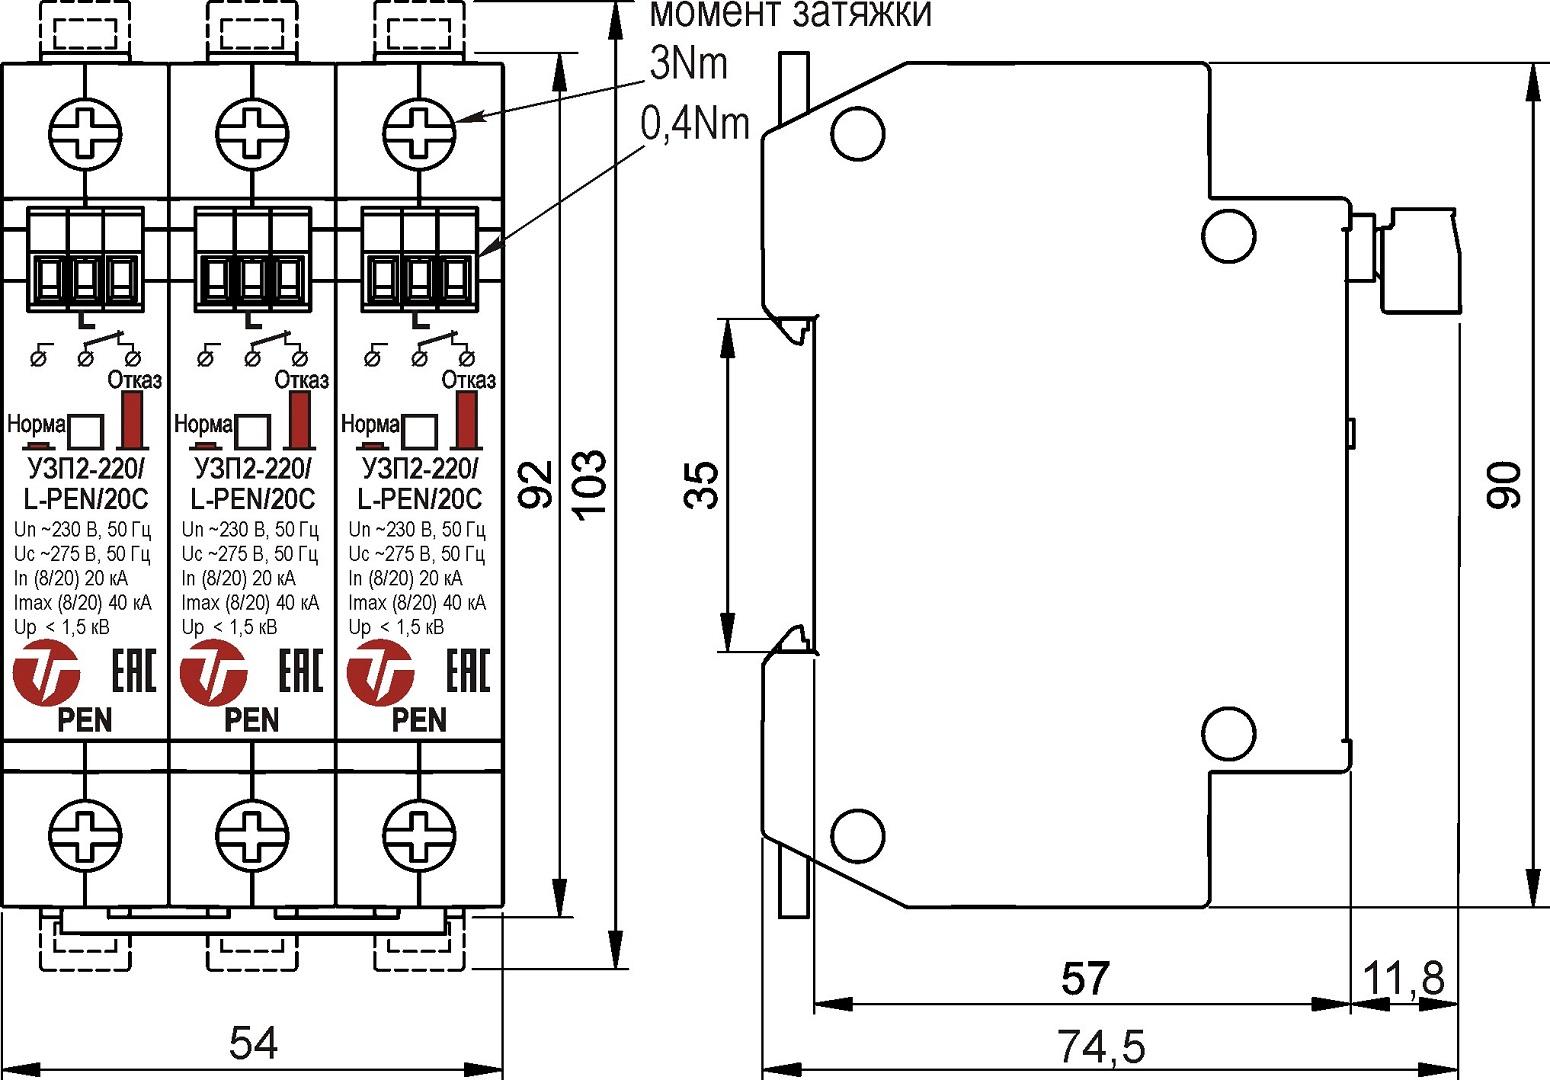 Габаритные размеры УЗП2-220К/3L-PEN/20С